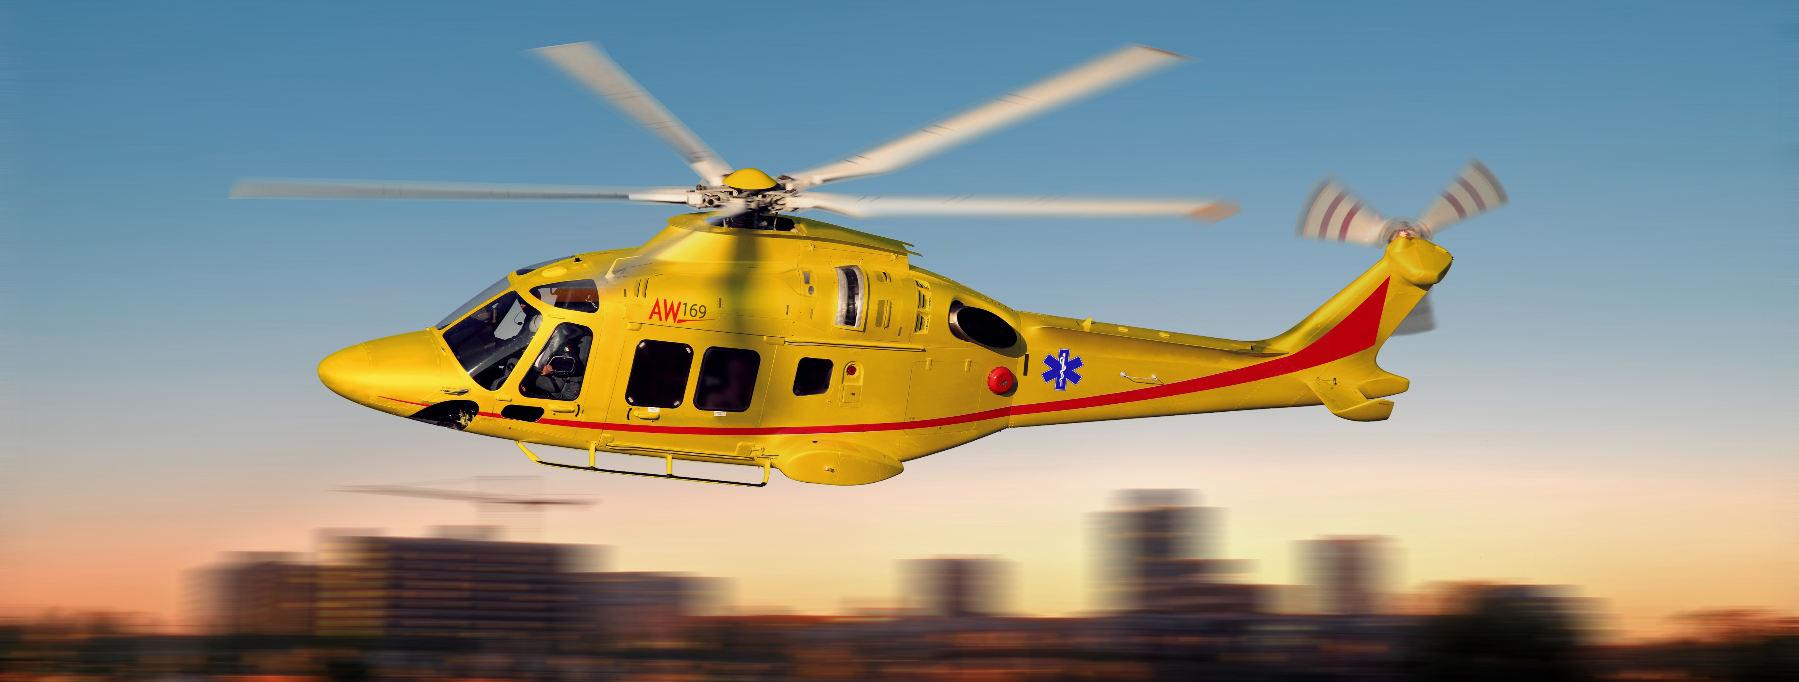 30 AW139 et AW169 supplémentaires pour la Chine